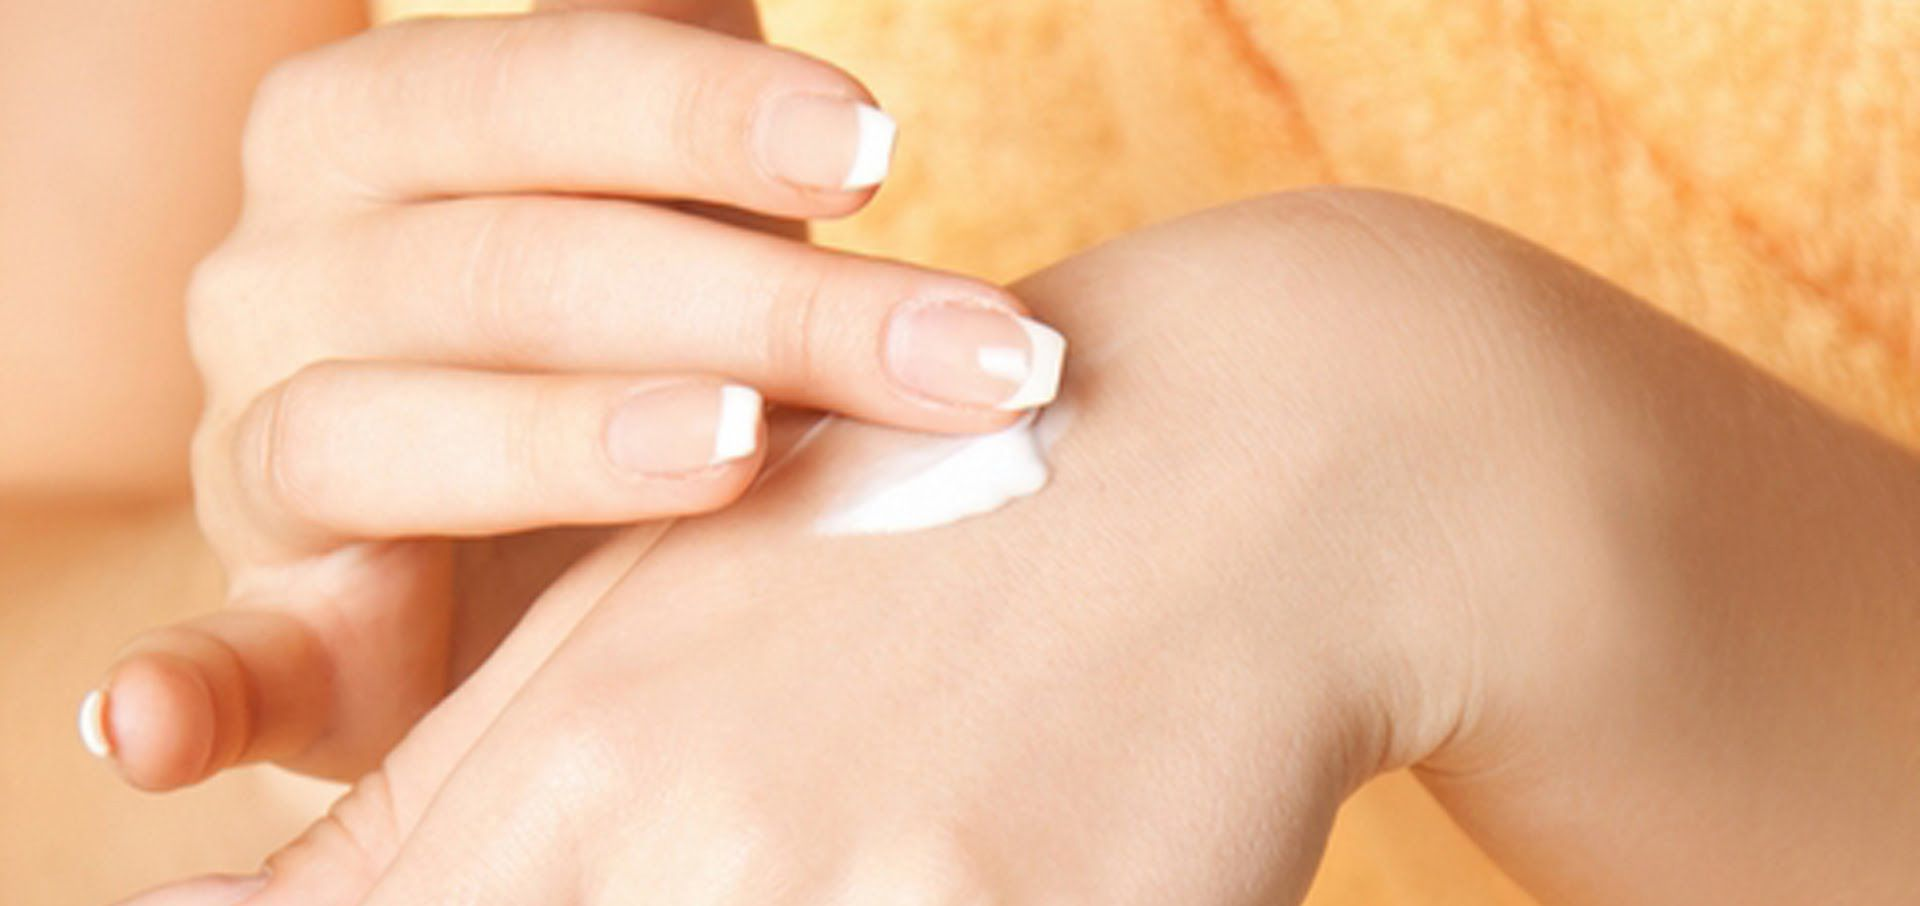 14i57929ab5571847.30015183 - Аллергия и дерматит. Устранение симптомов и полное излечение